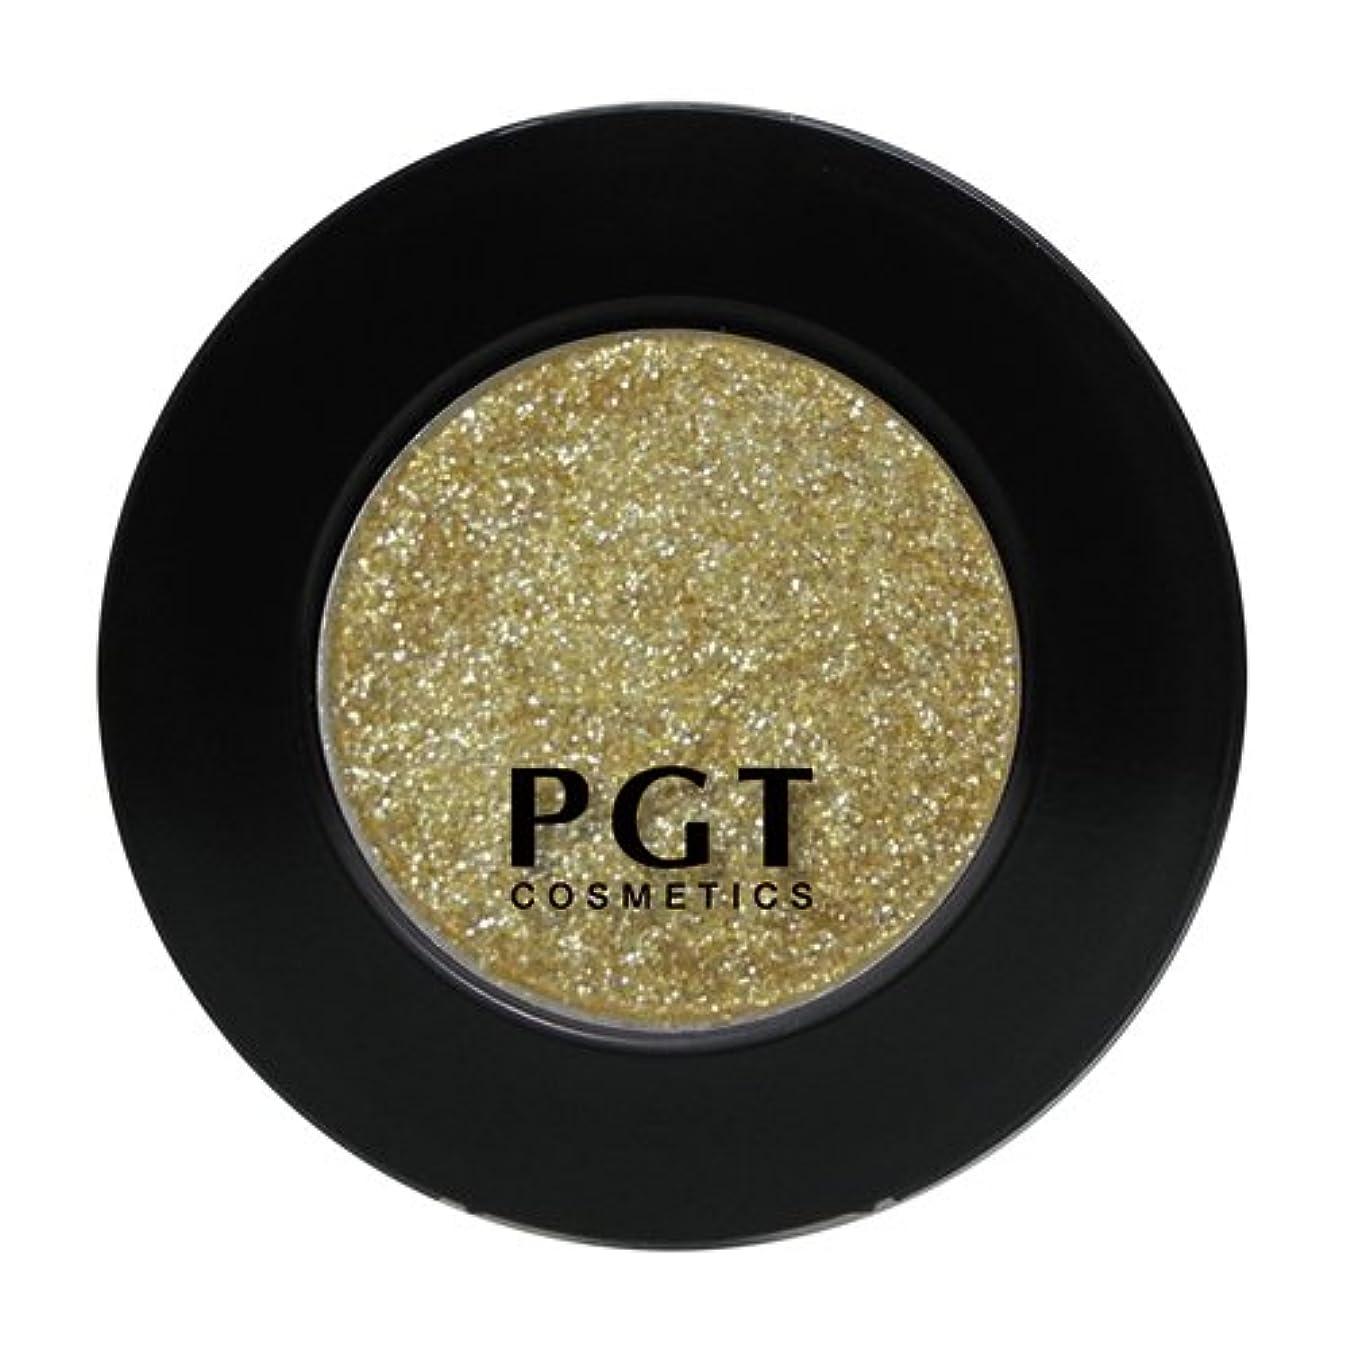 ヘア独創的人物パルガントン スパークリングアイシャドウSE115 ゴールド